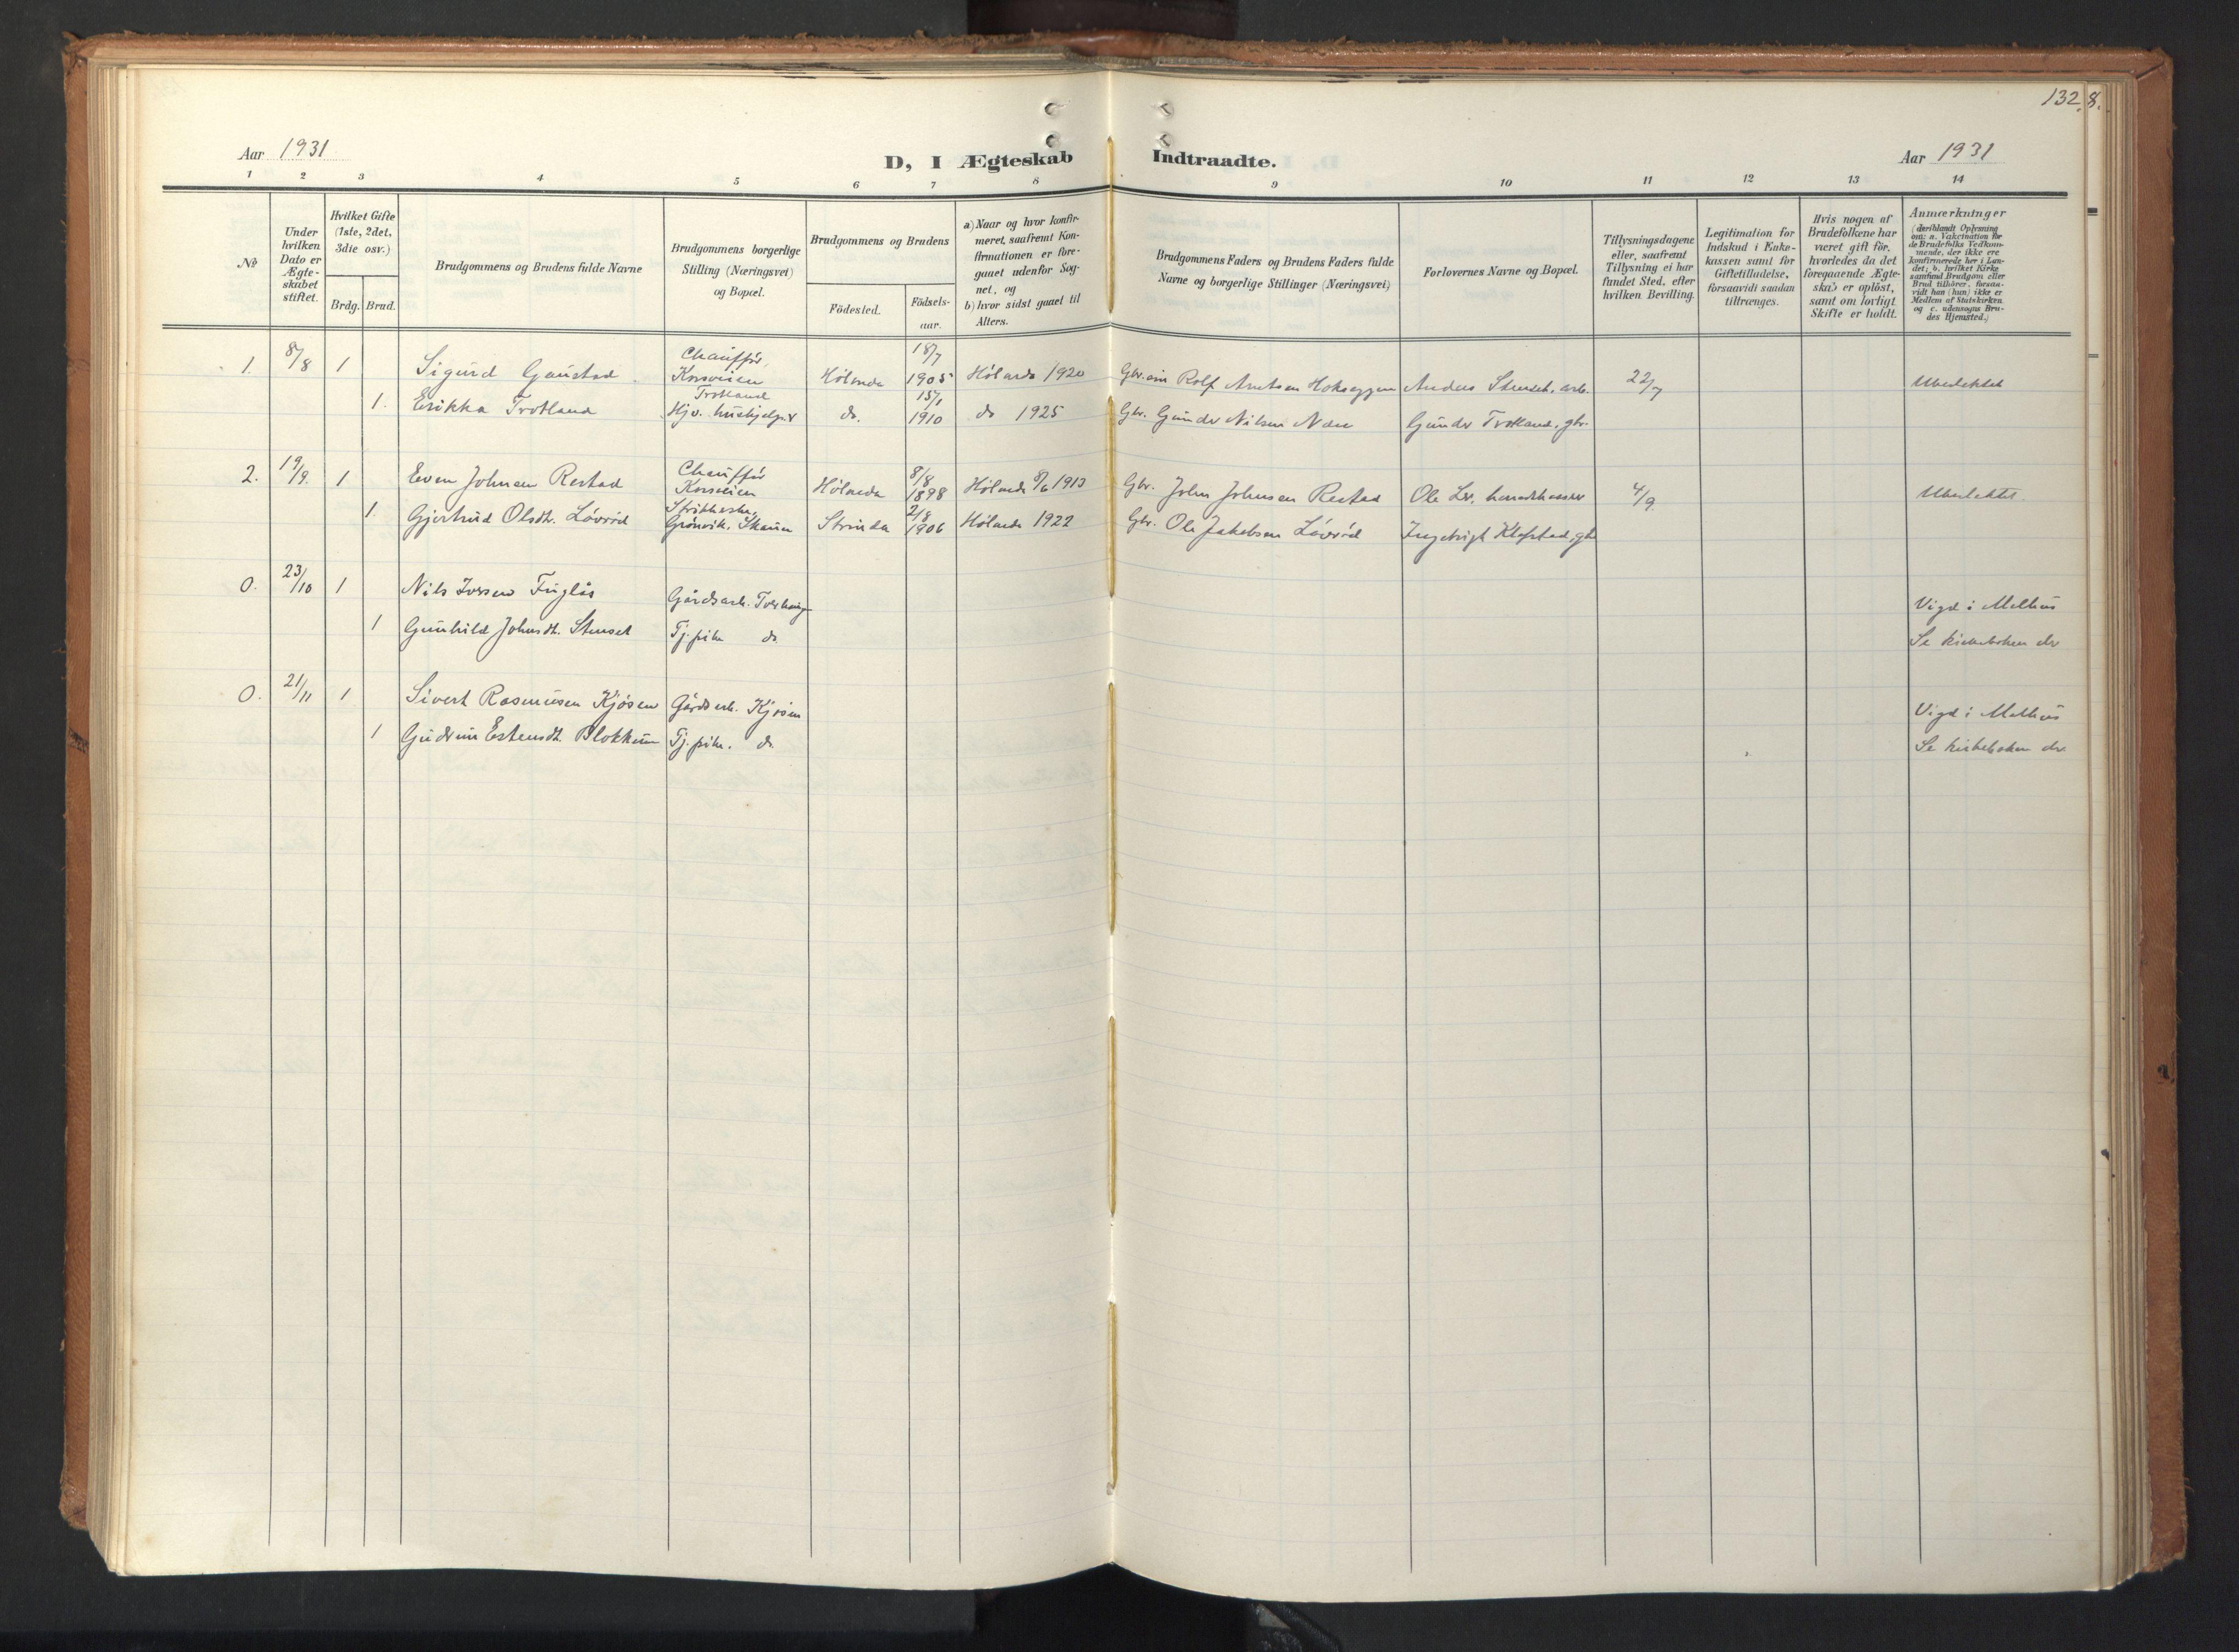 SAT, Ministerialprotokoller, klokkerbøker og fødselsregistre - Sør-Trøndelag, 694/L1128: Ministerialbok nr. 694A02, 1906-1931, s. 132